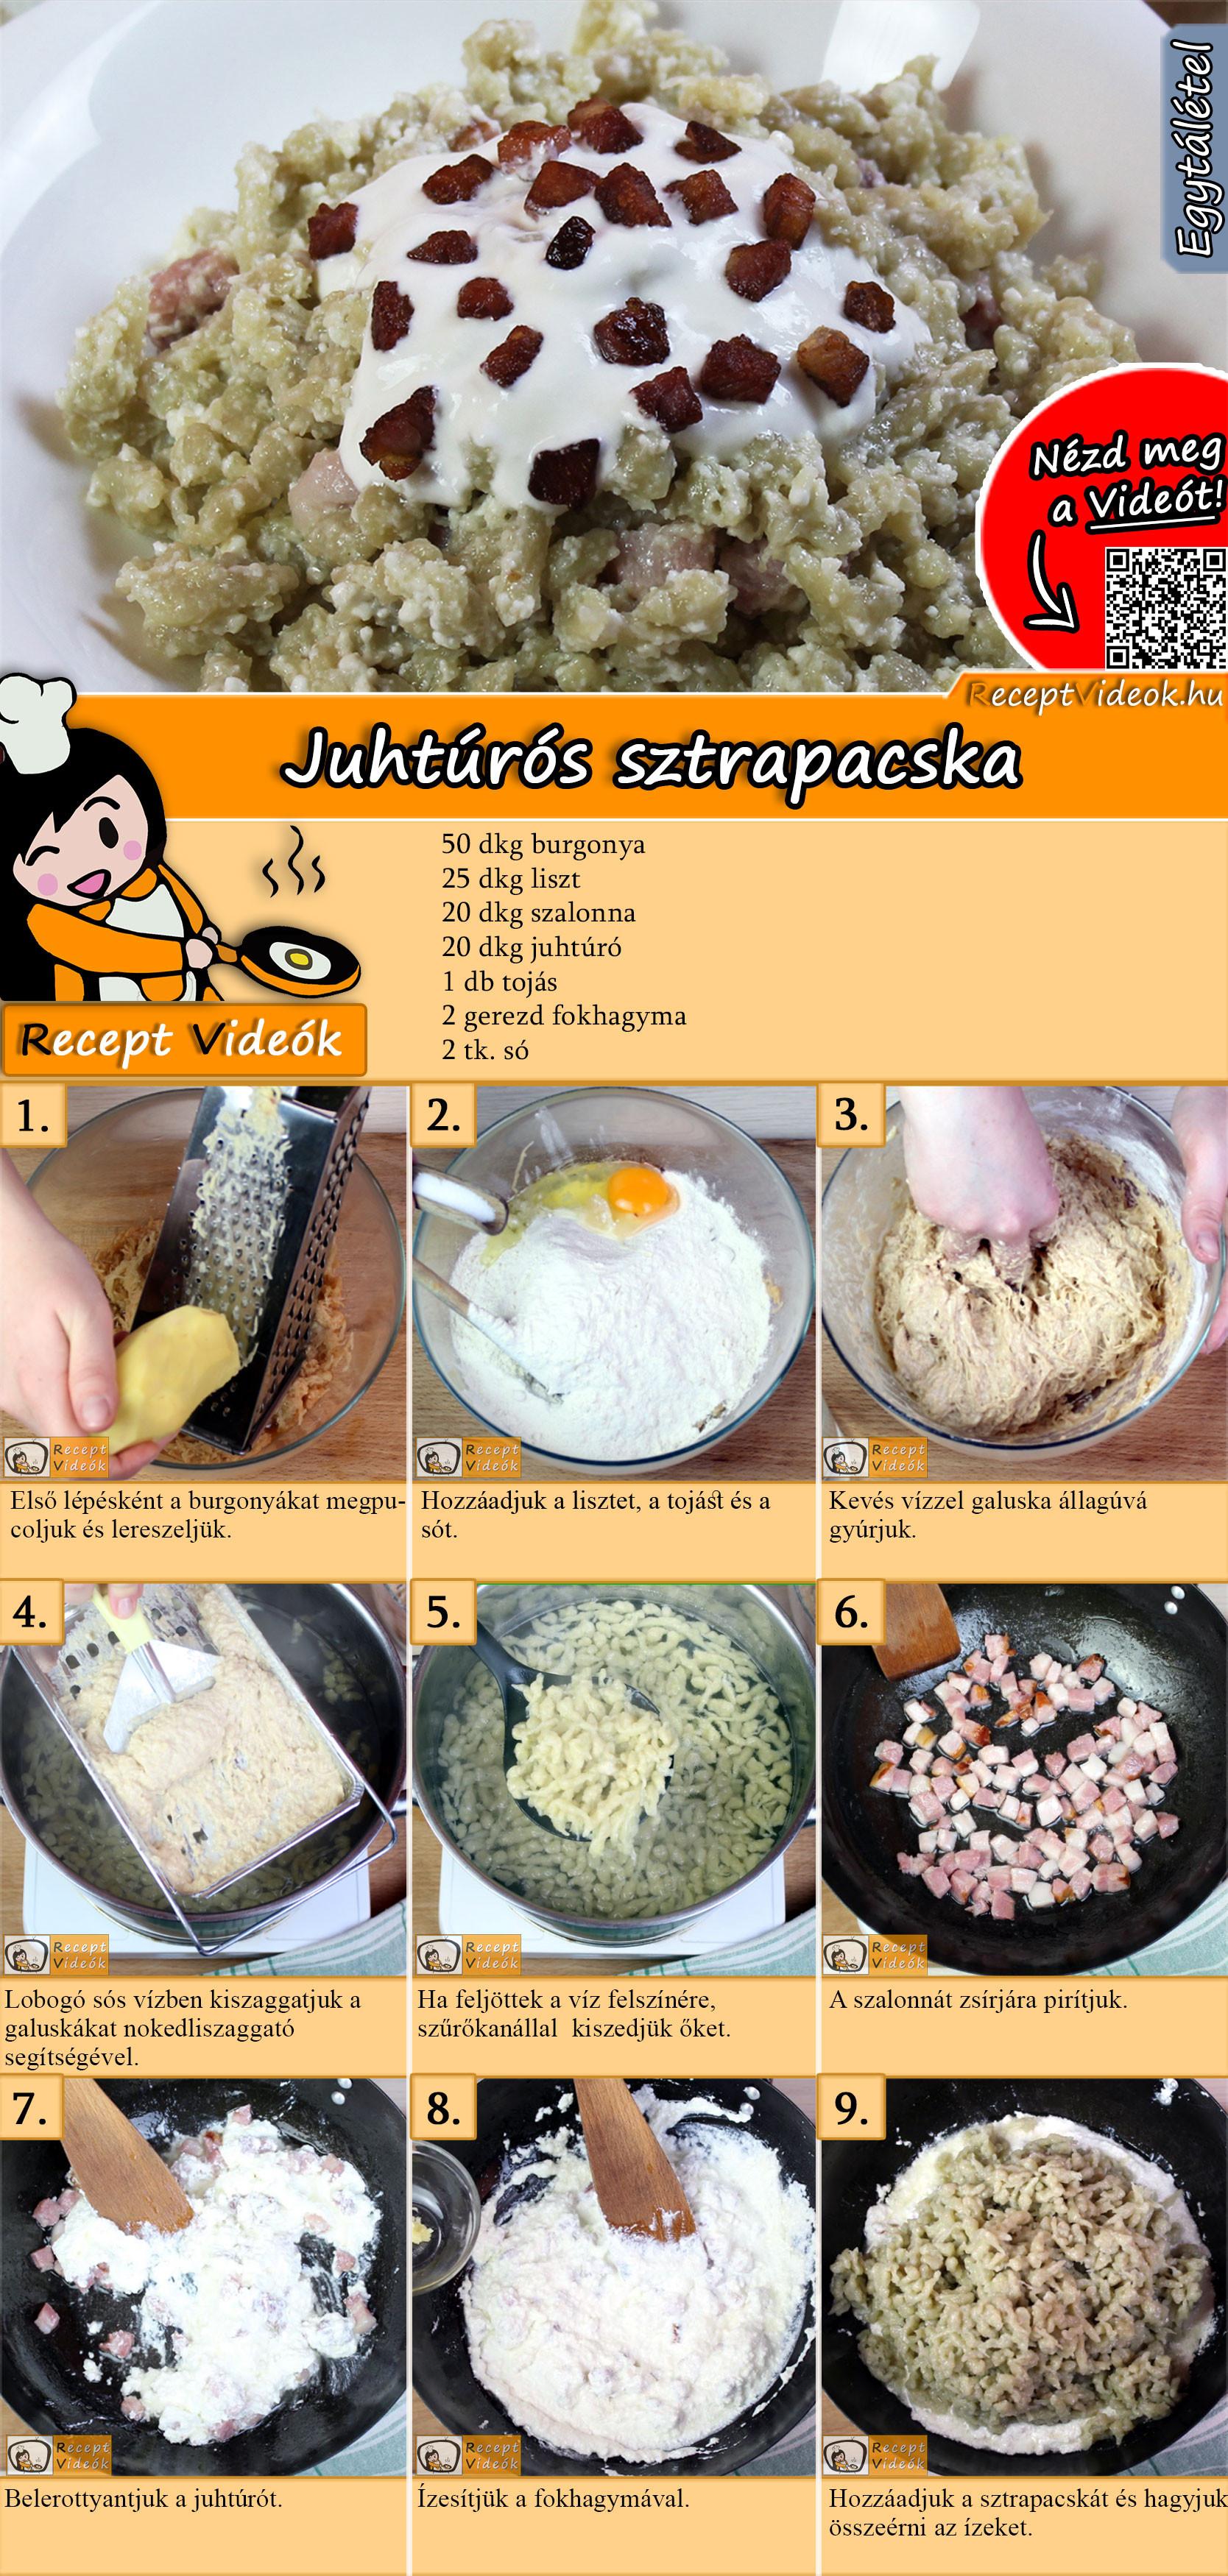 Juhtúrós sztrapacska recept elkészítése videóval